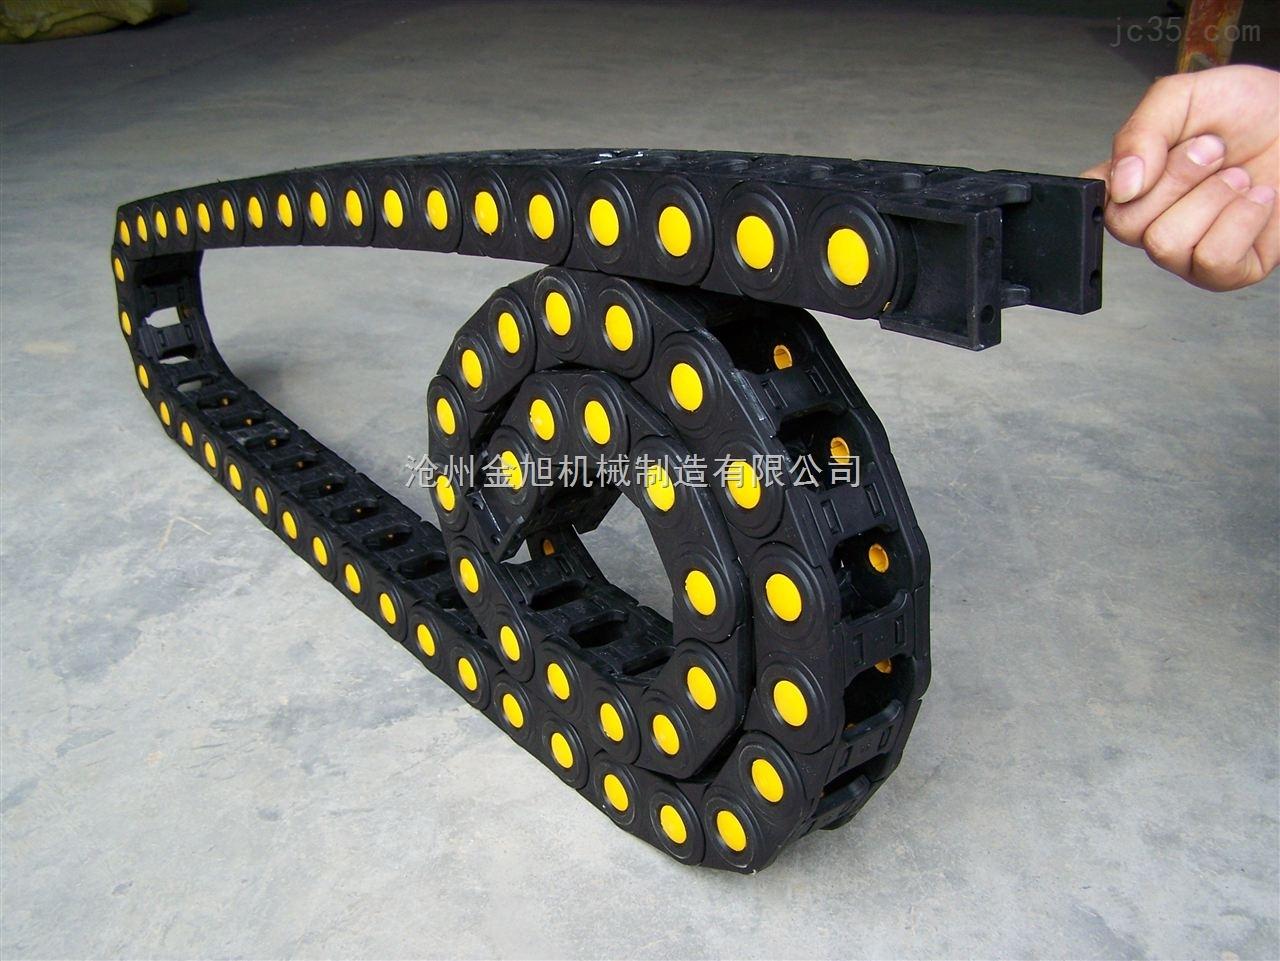 S型工程塑料拖链厂家